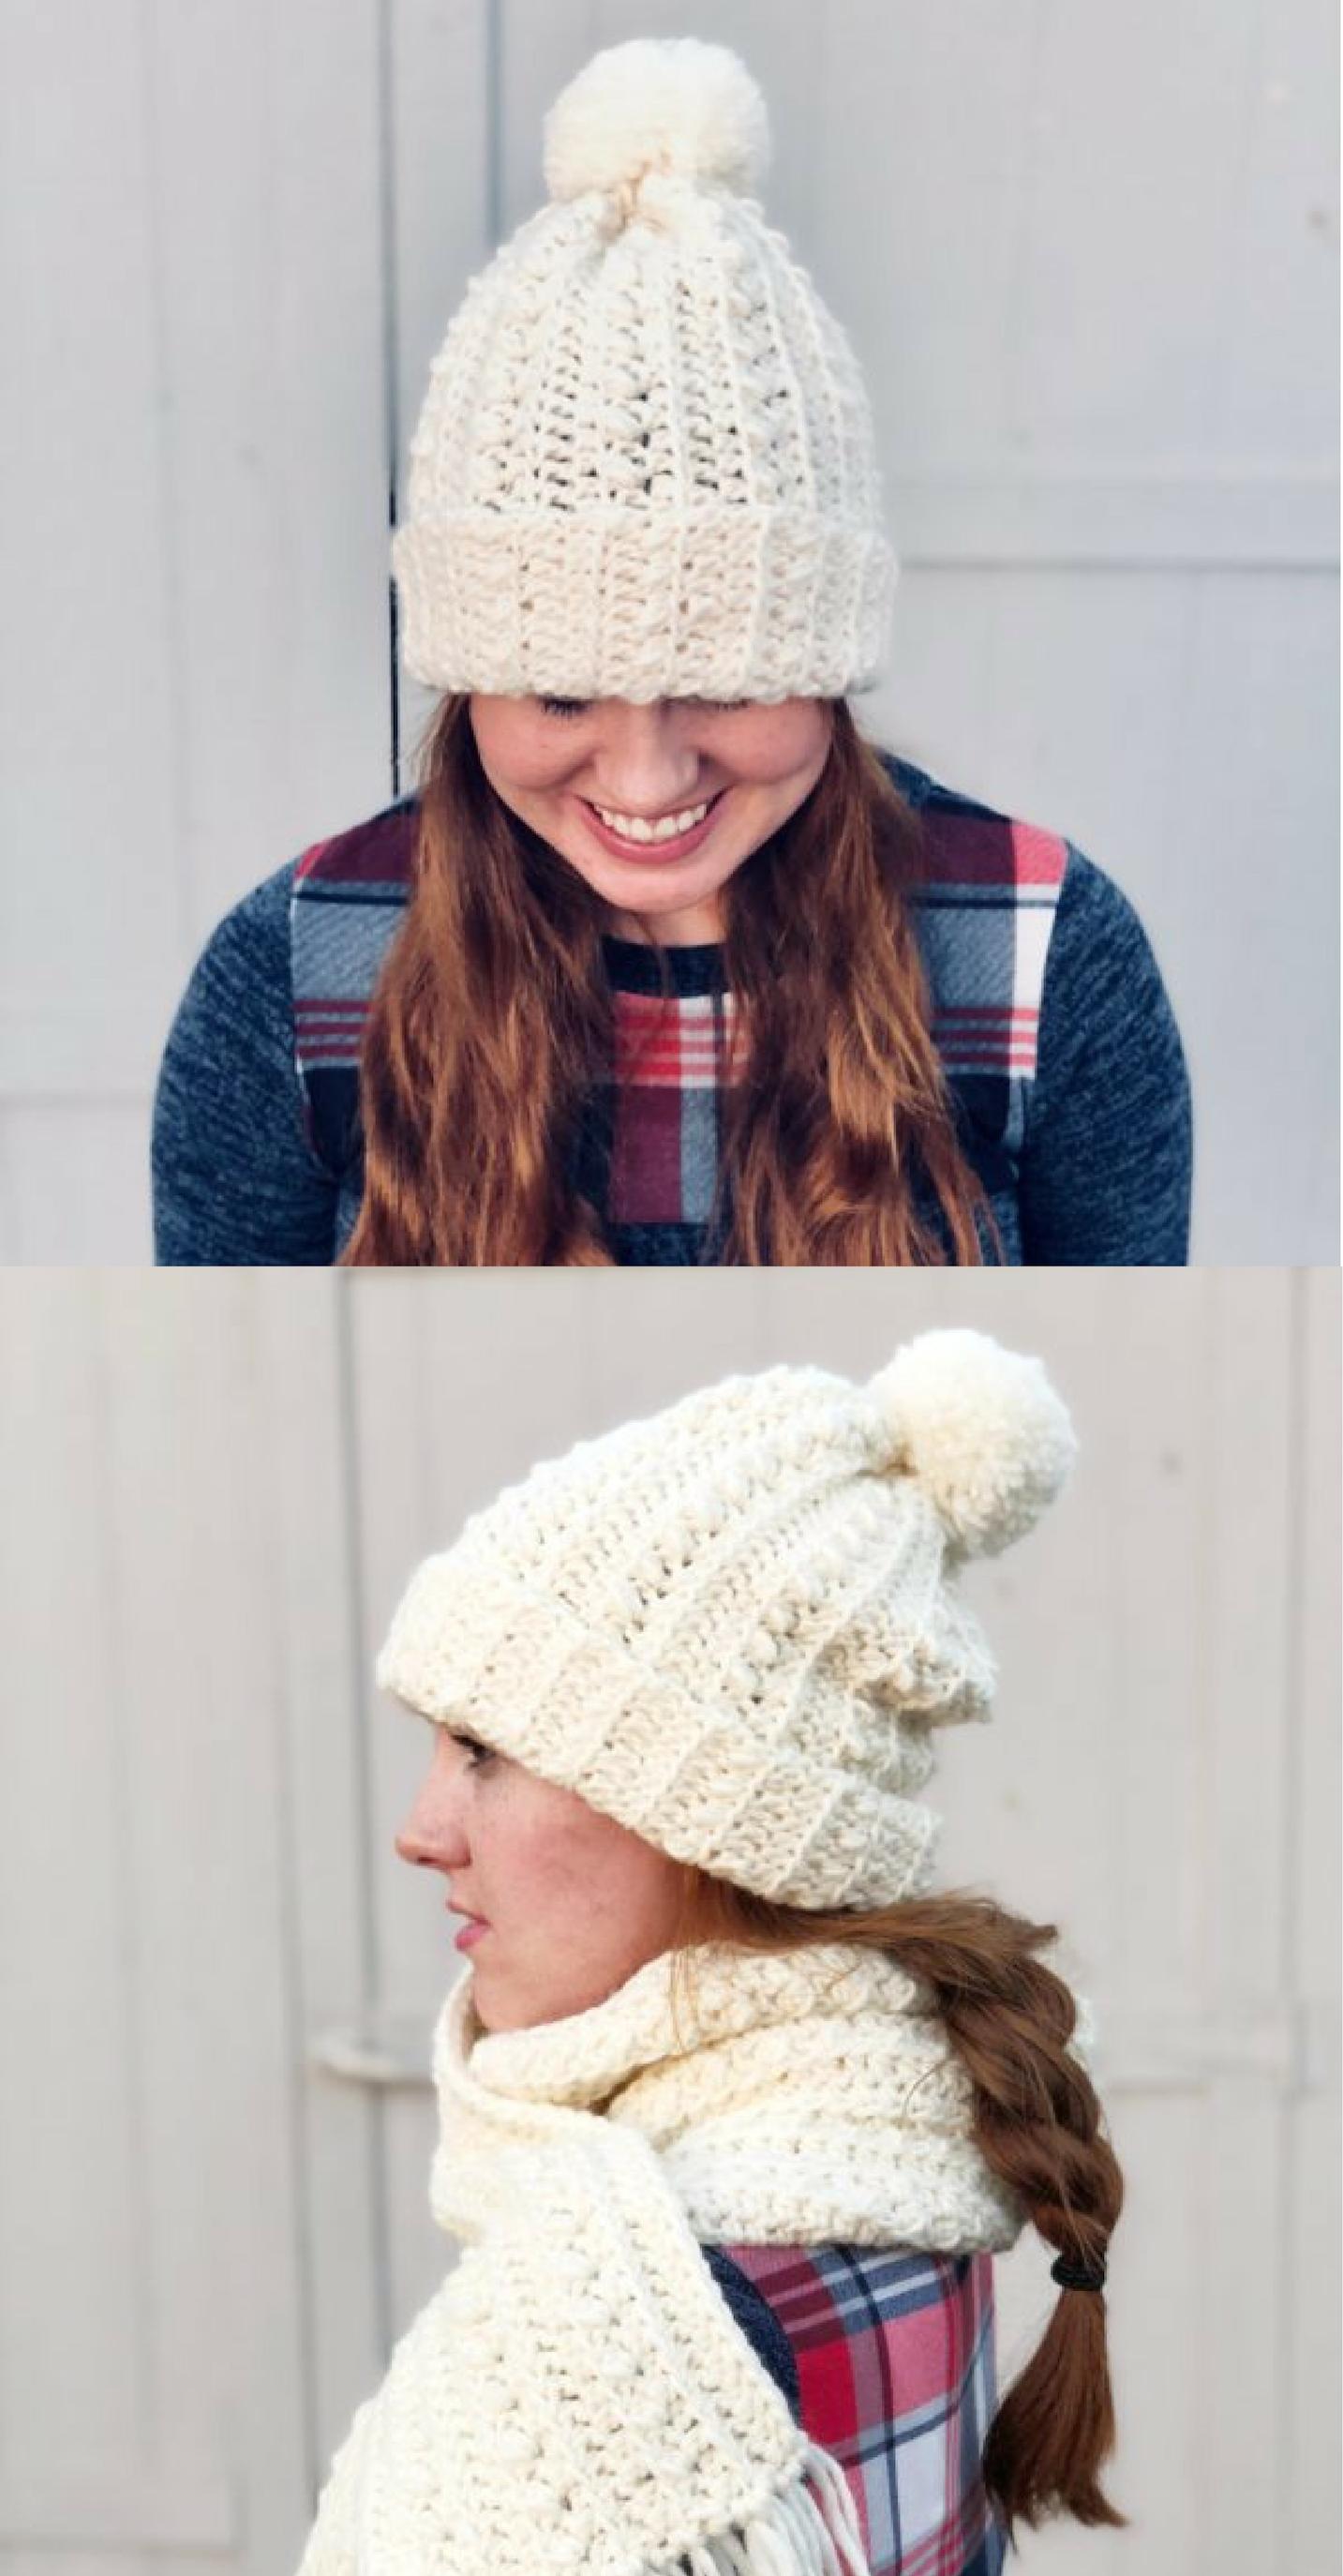 Daisy Farm Crafts Crochet Hat For Beginners Crochet Hats Scarf Crochet Pattern